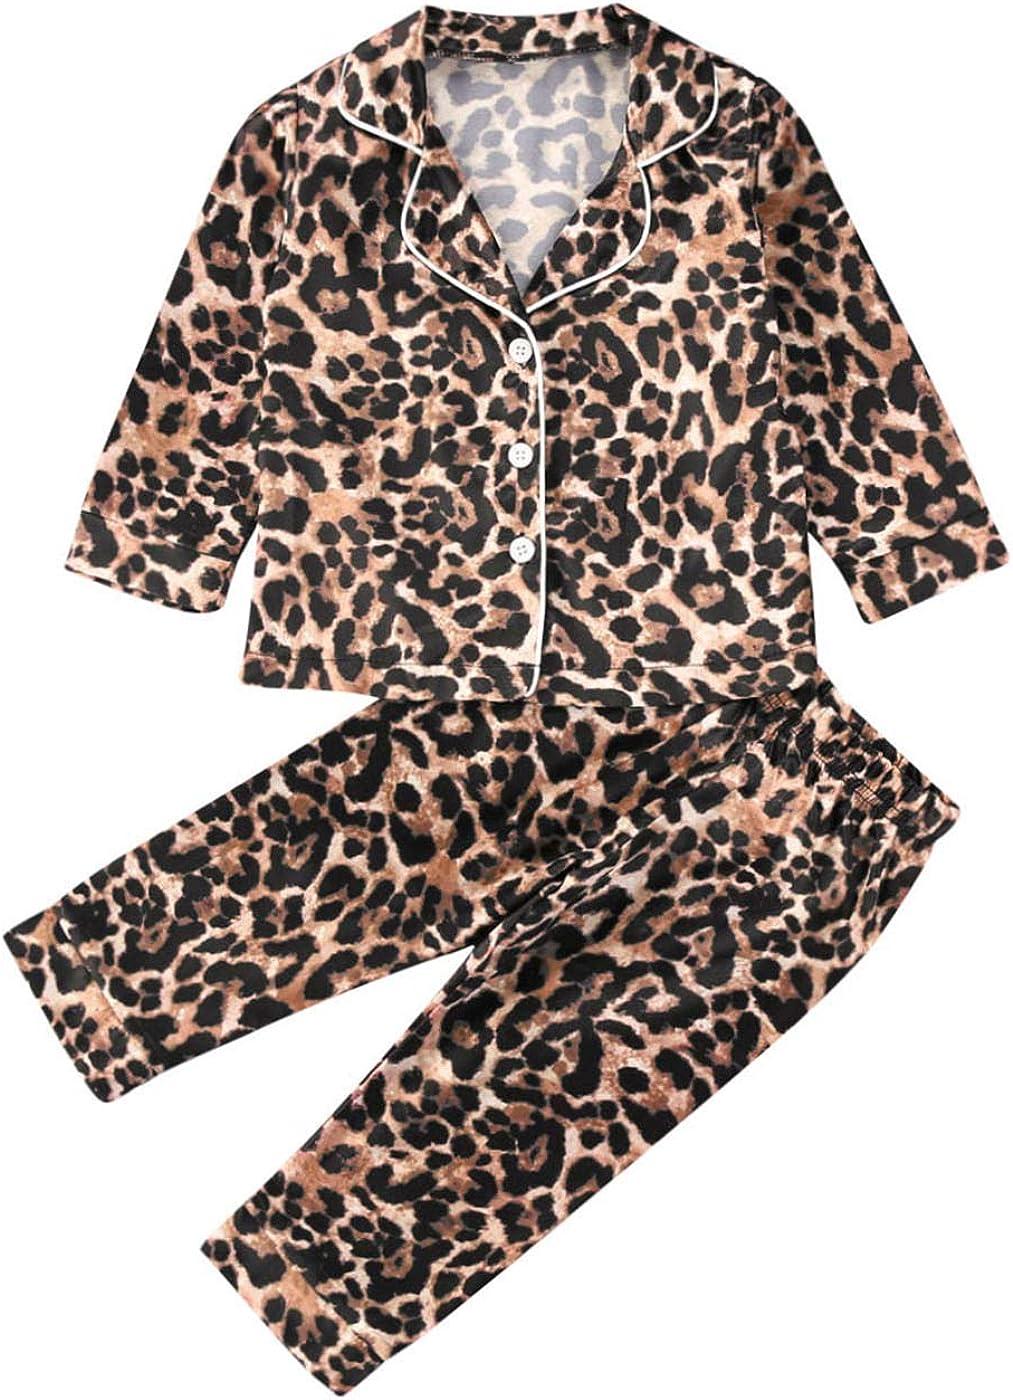 Toddler Baby Kids Satin Pajamas Set, Long Sleeve Button-Down Sleepwear PJs for Girls